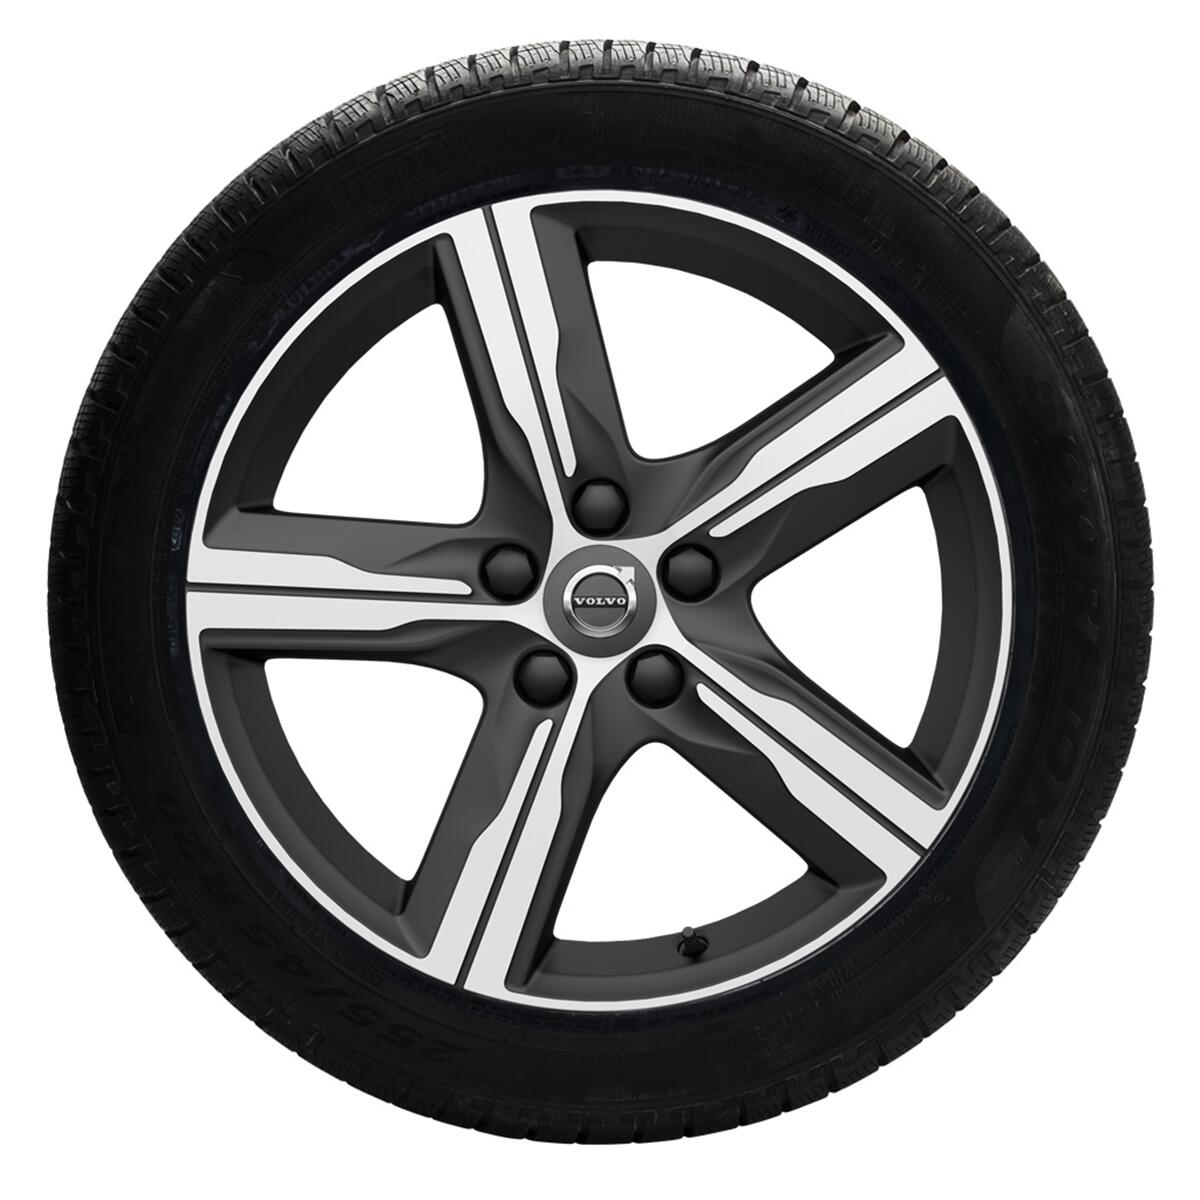 Komplet zimskih kotača 17''; gume Pirelli, Sottoero 3